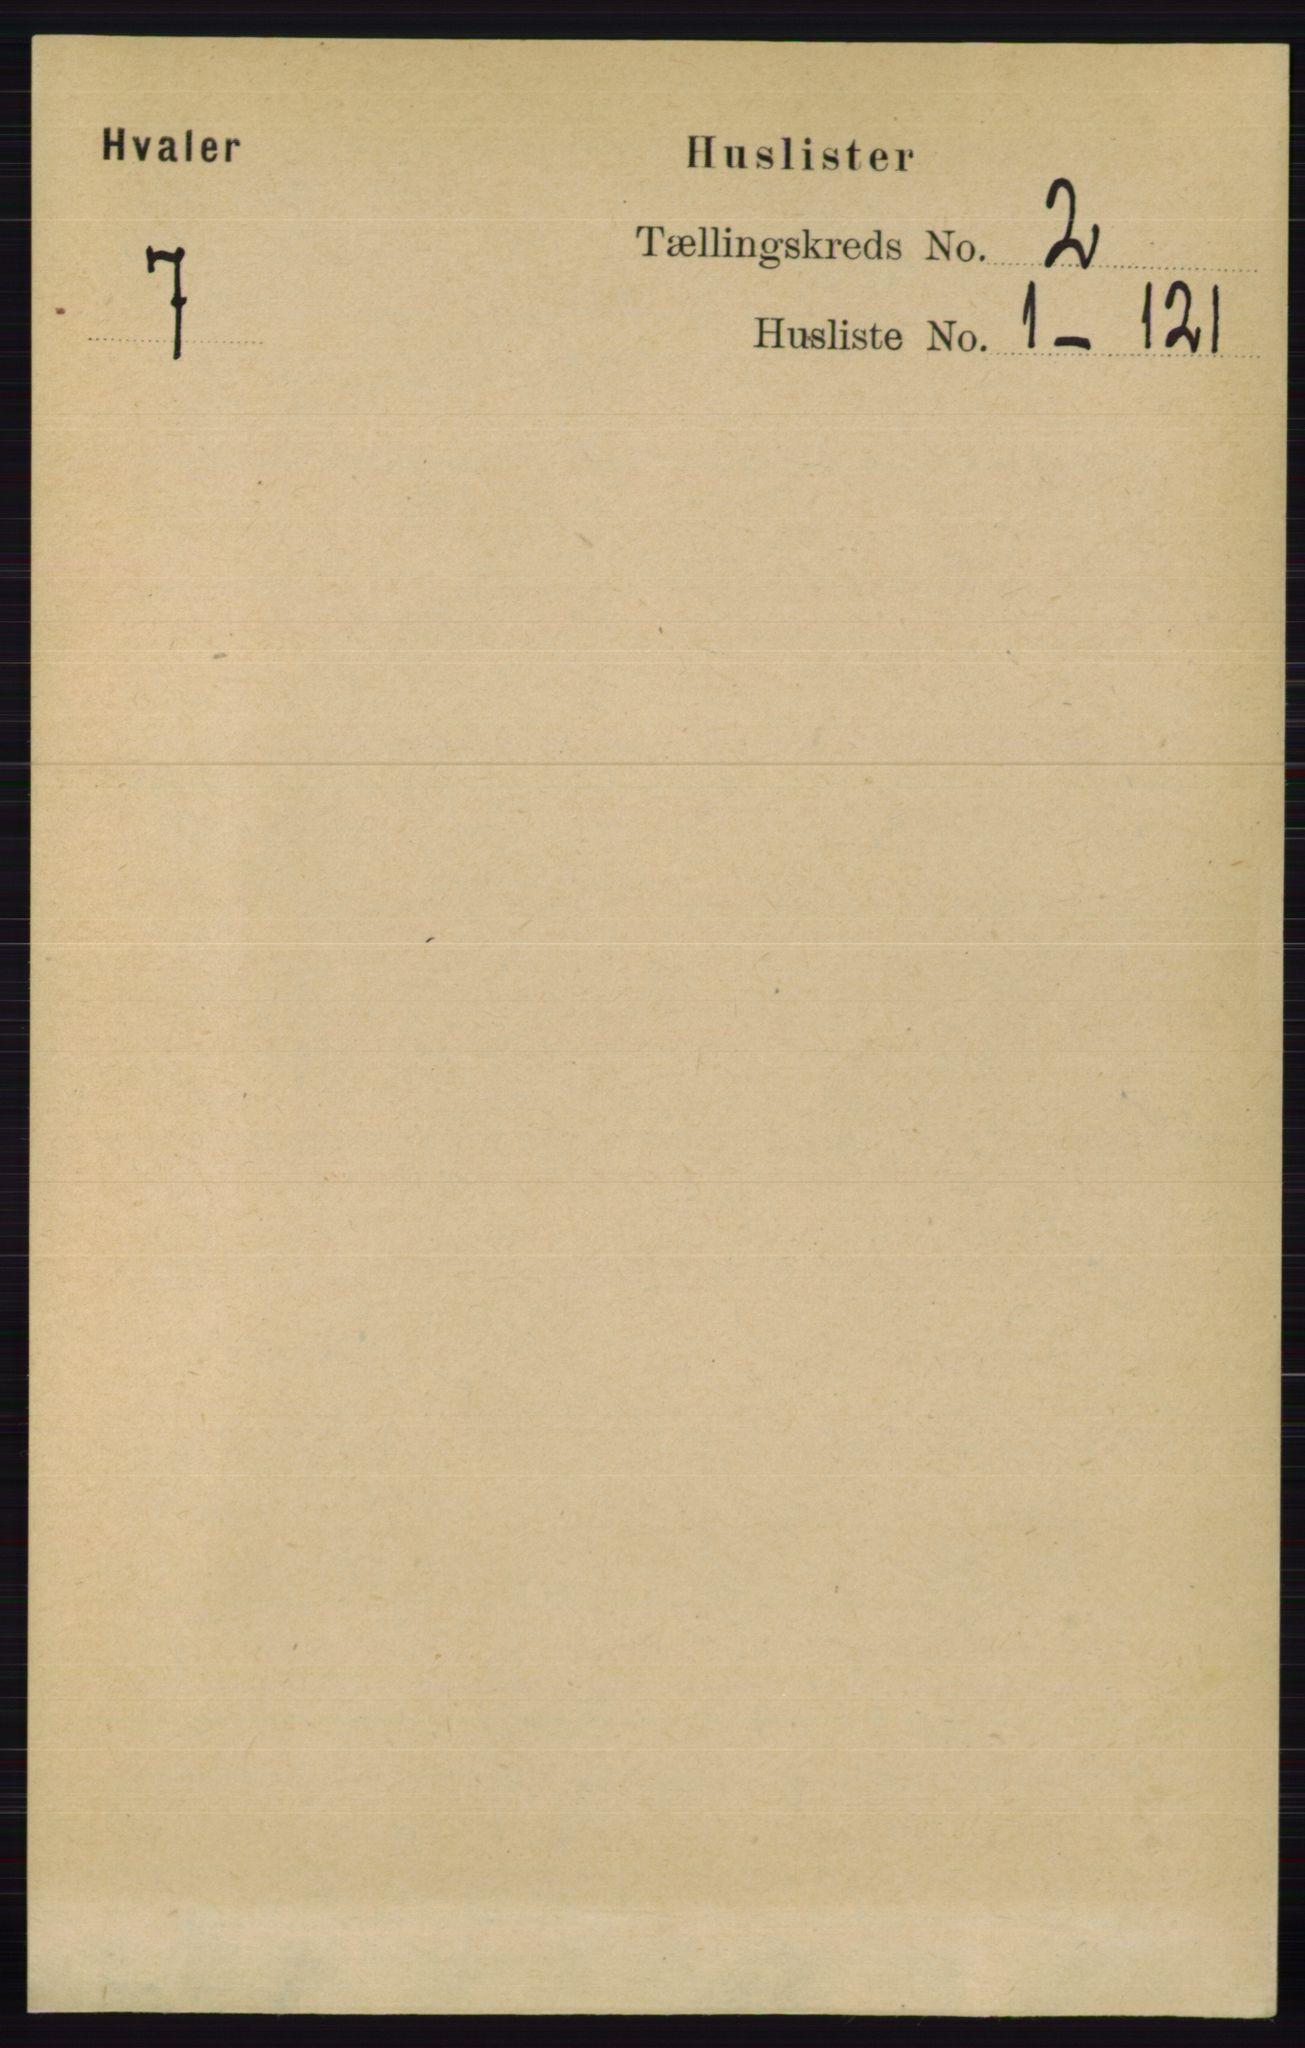 RA, Folketelling 1891 for 0111 Hvaler herred, 1891, s. 879